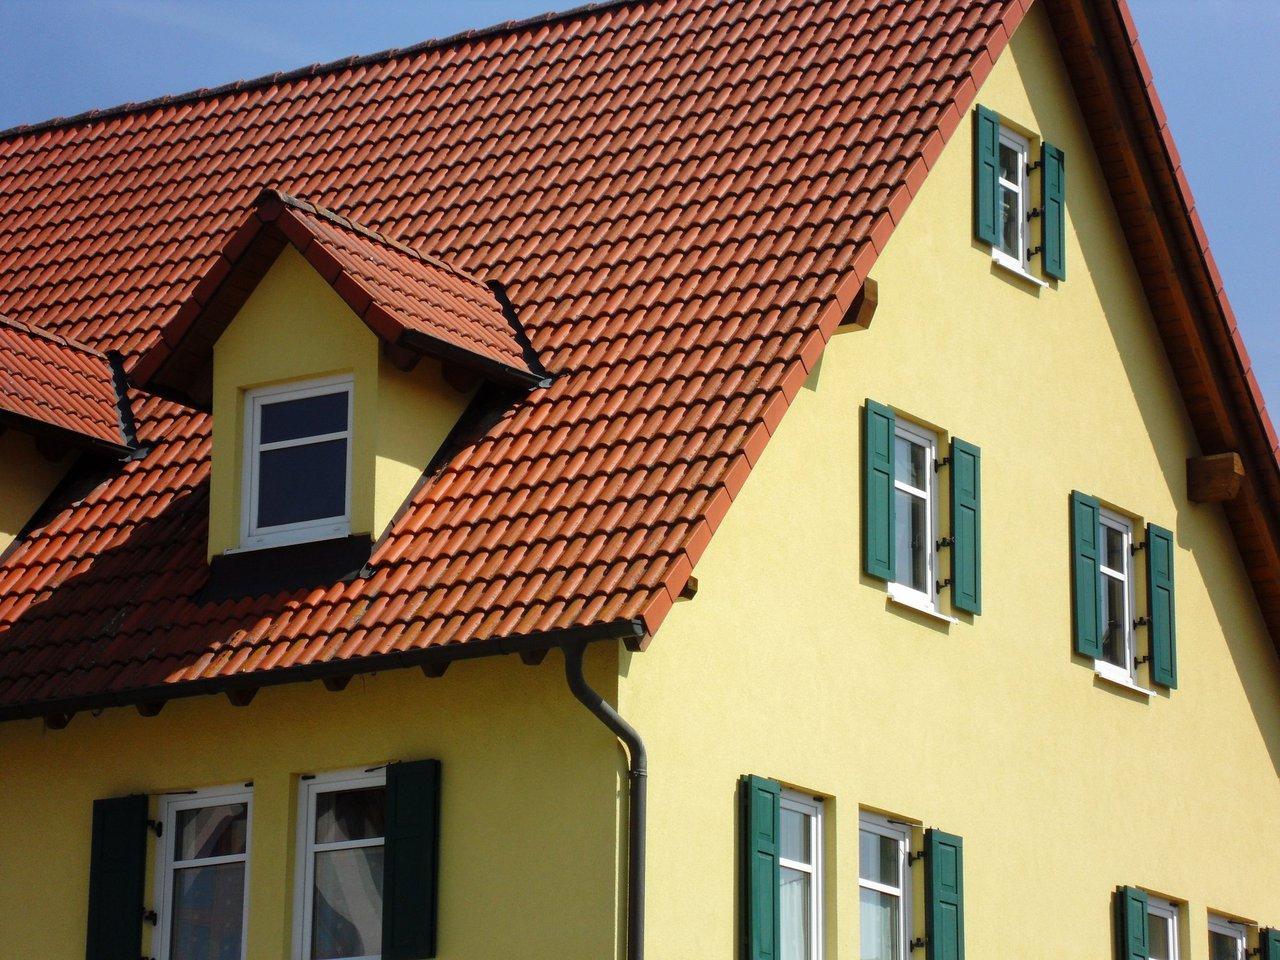 Fassadensanierung Neues Gewand Fur Alte Hauser Malerbetrieb